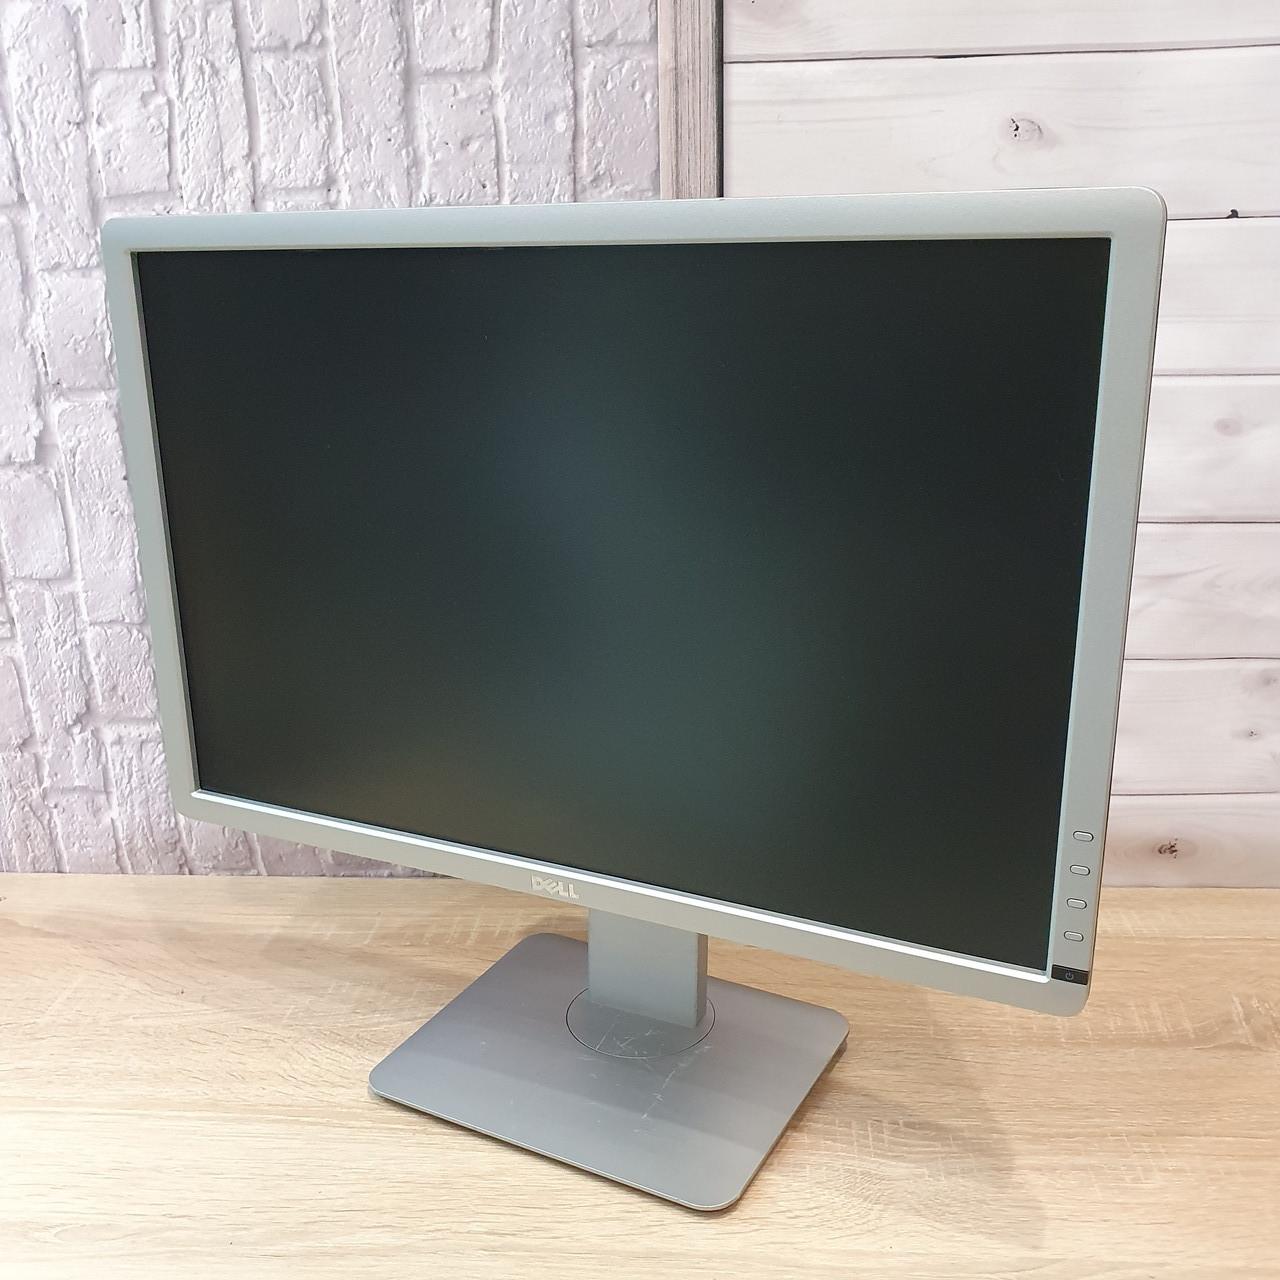 Монитор DELL 22 LED (Матрица TN / DVI, VGA,DisplayPort / Разрешение 1680x1050)